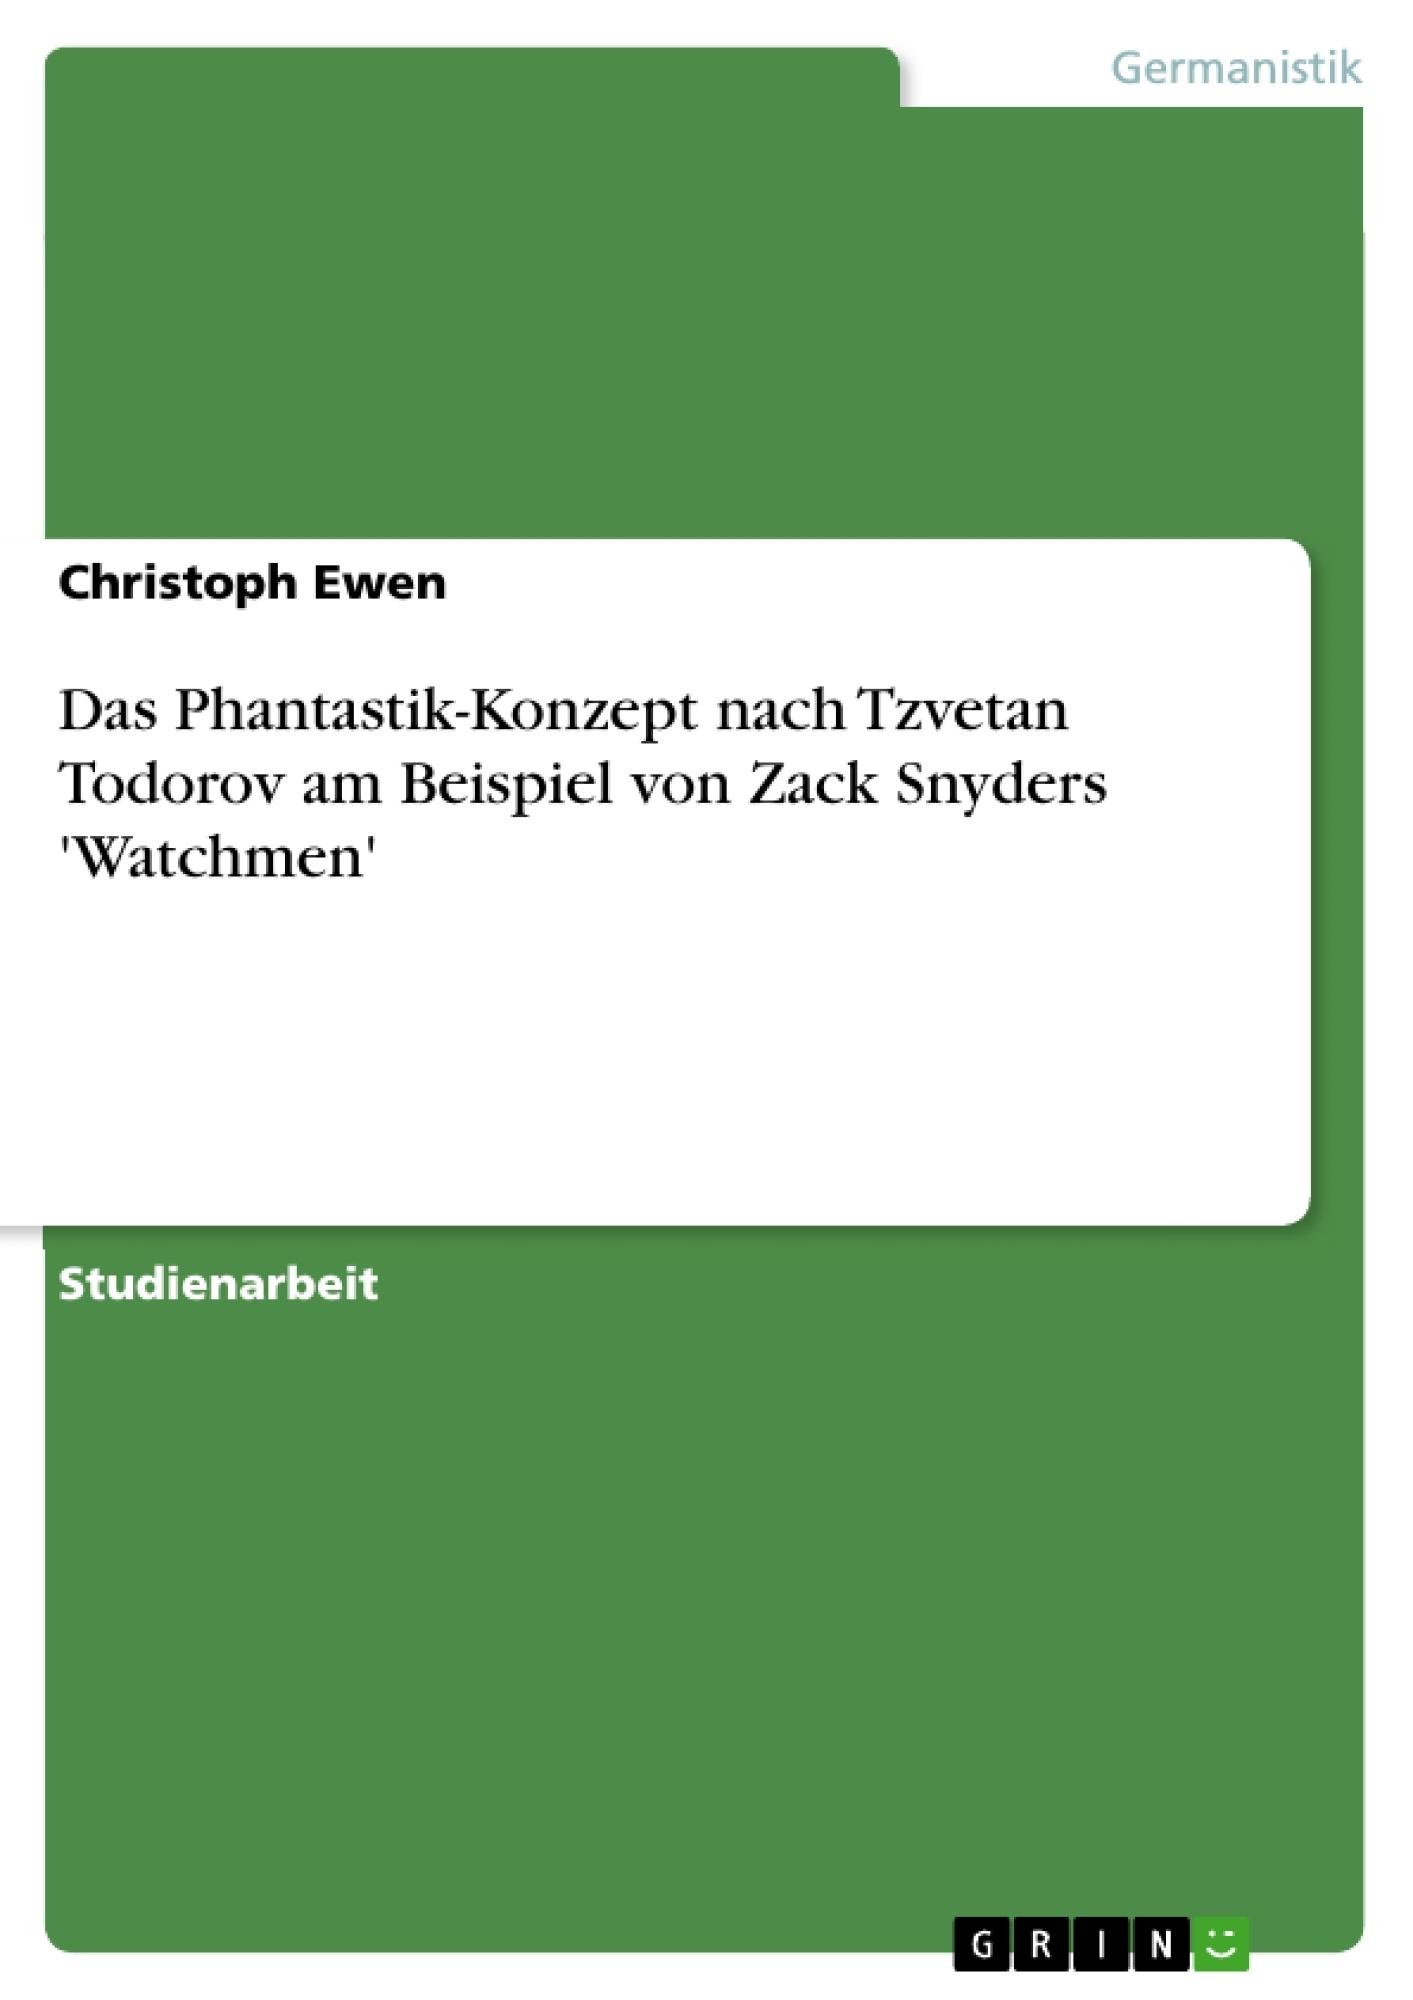 Titel: Das Phantastik-Konzept nach Tzvetan Todorov am Beispiel von Zack Snyders 'Watchmen'